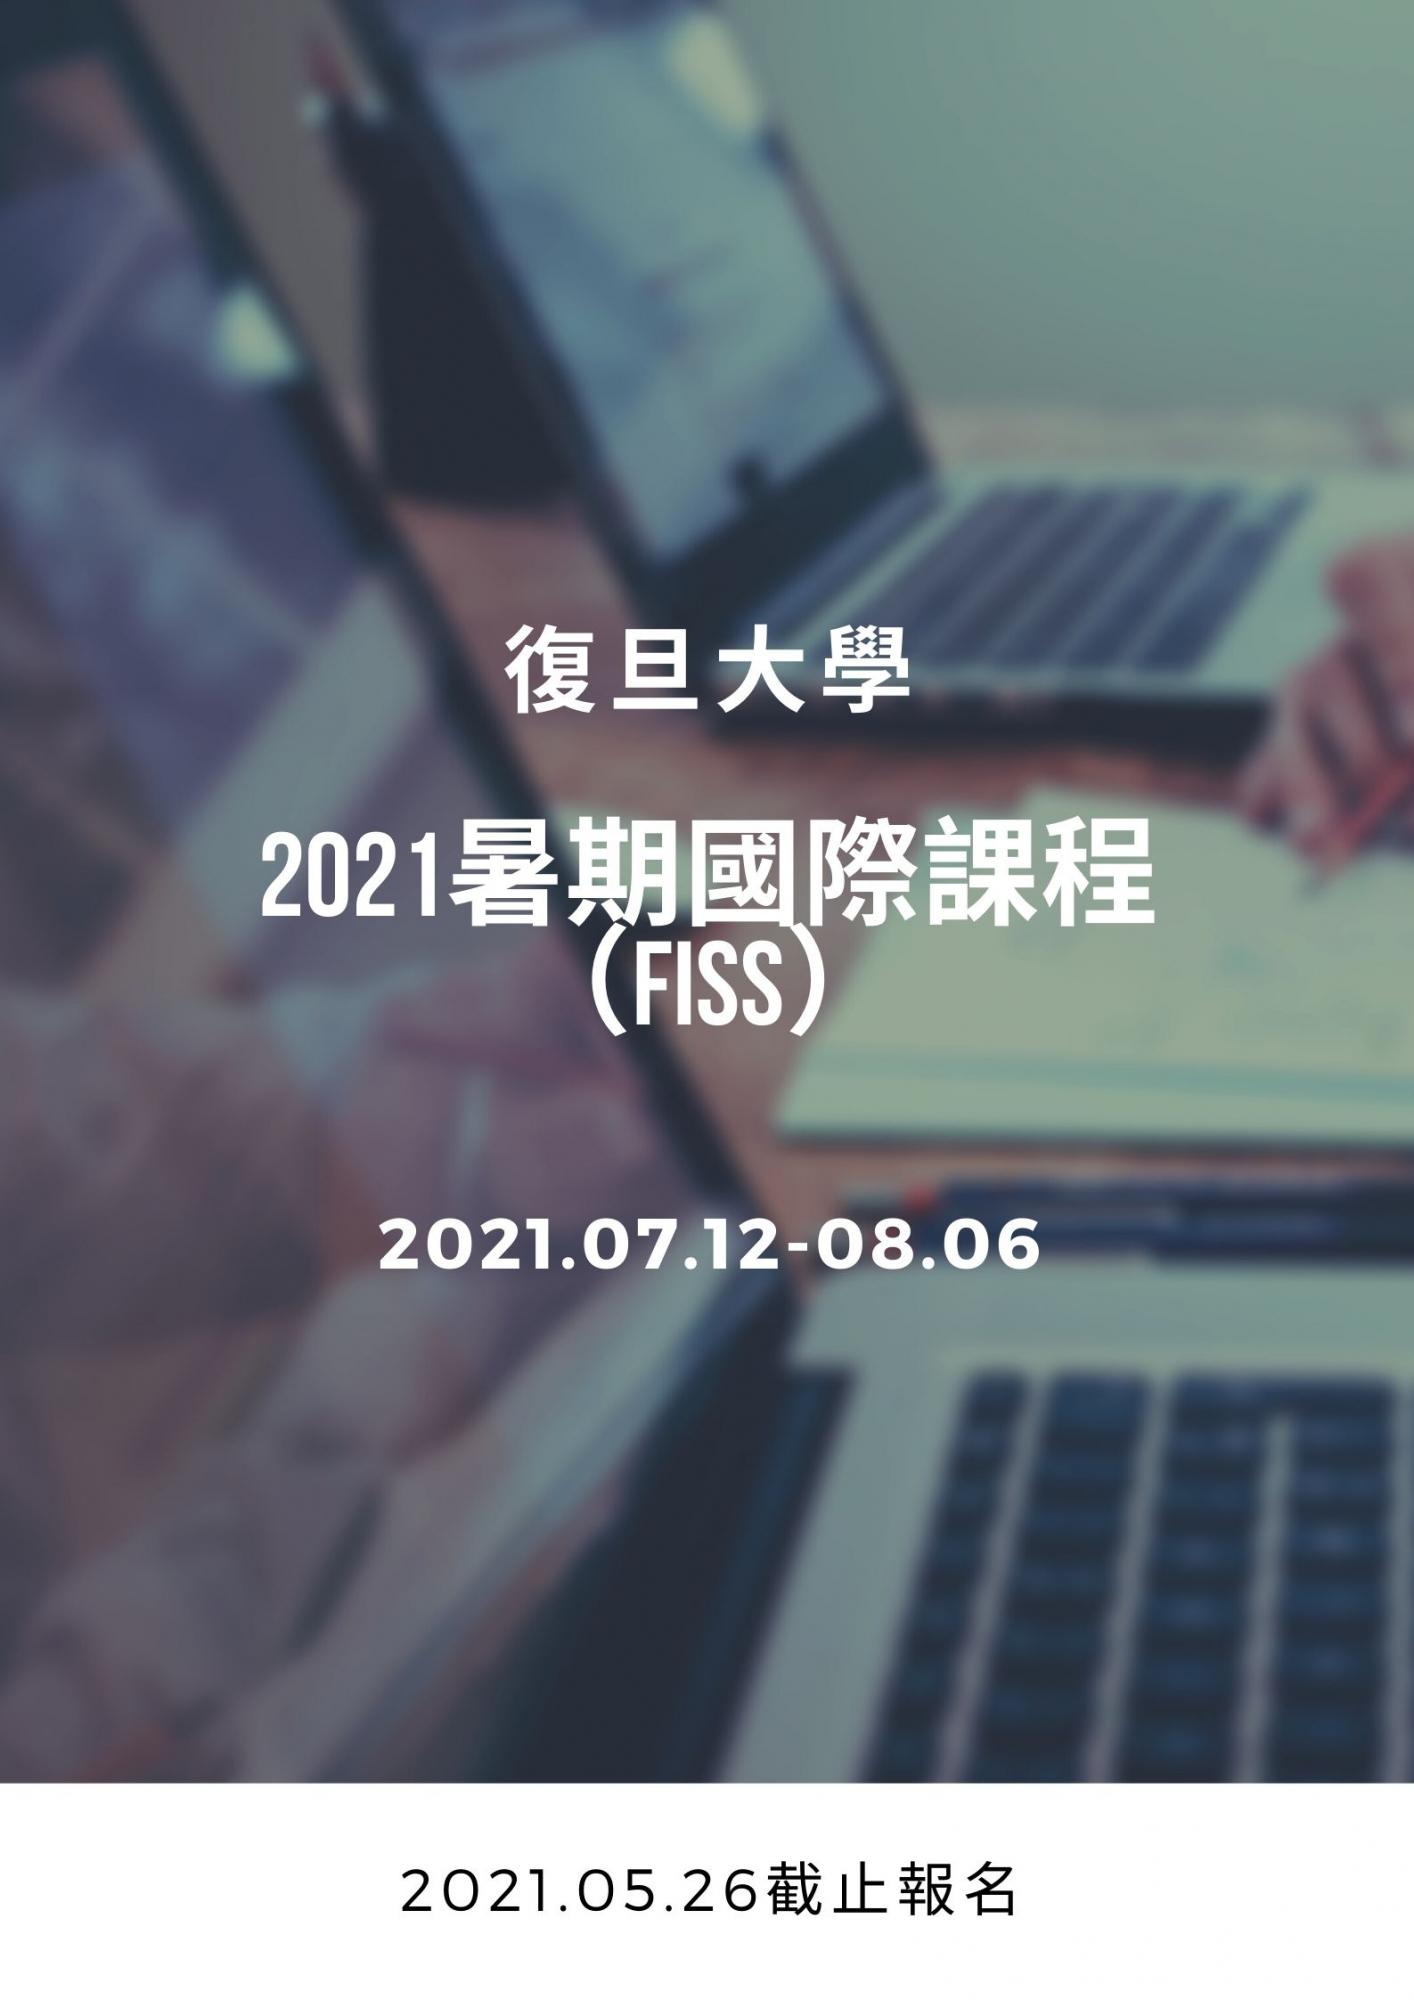 復旦大學2021暑期國際課程(FISS)